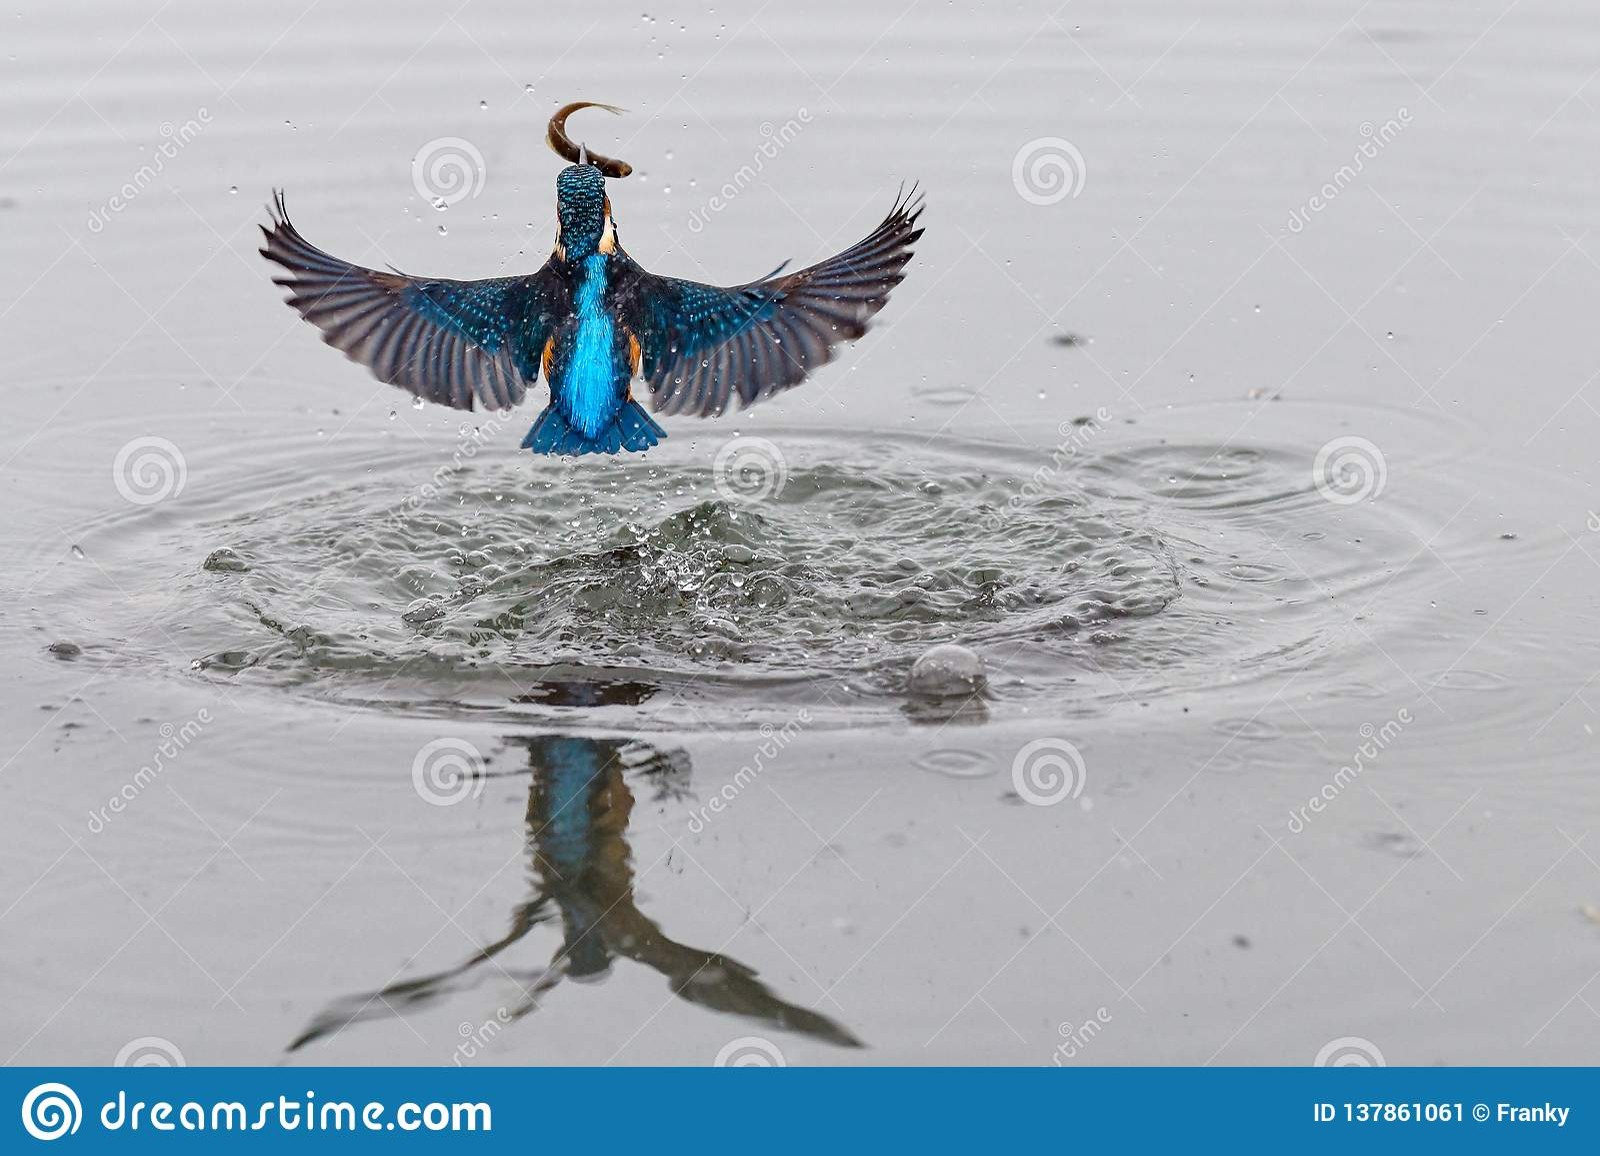 Akcji fotografia zimorodek nadchodzący za wodzie z rybą w swój belfrze od po pomyślnego połowu